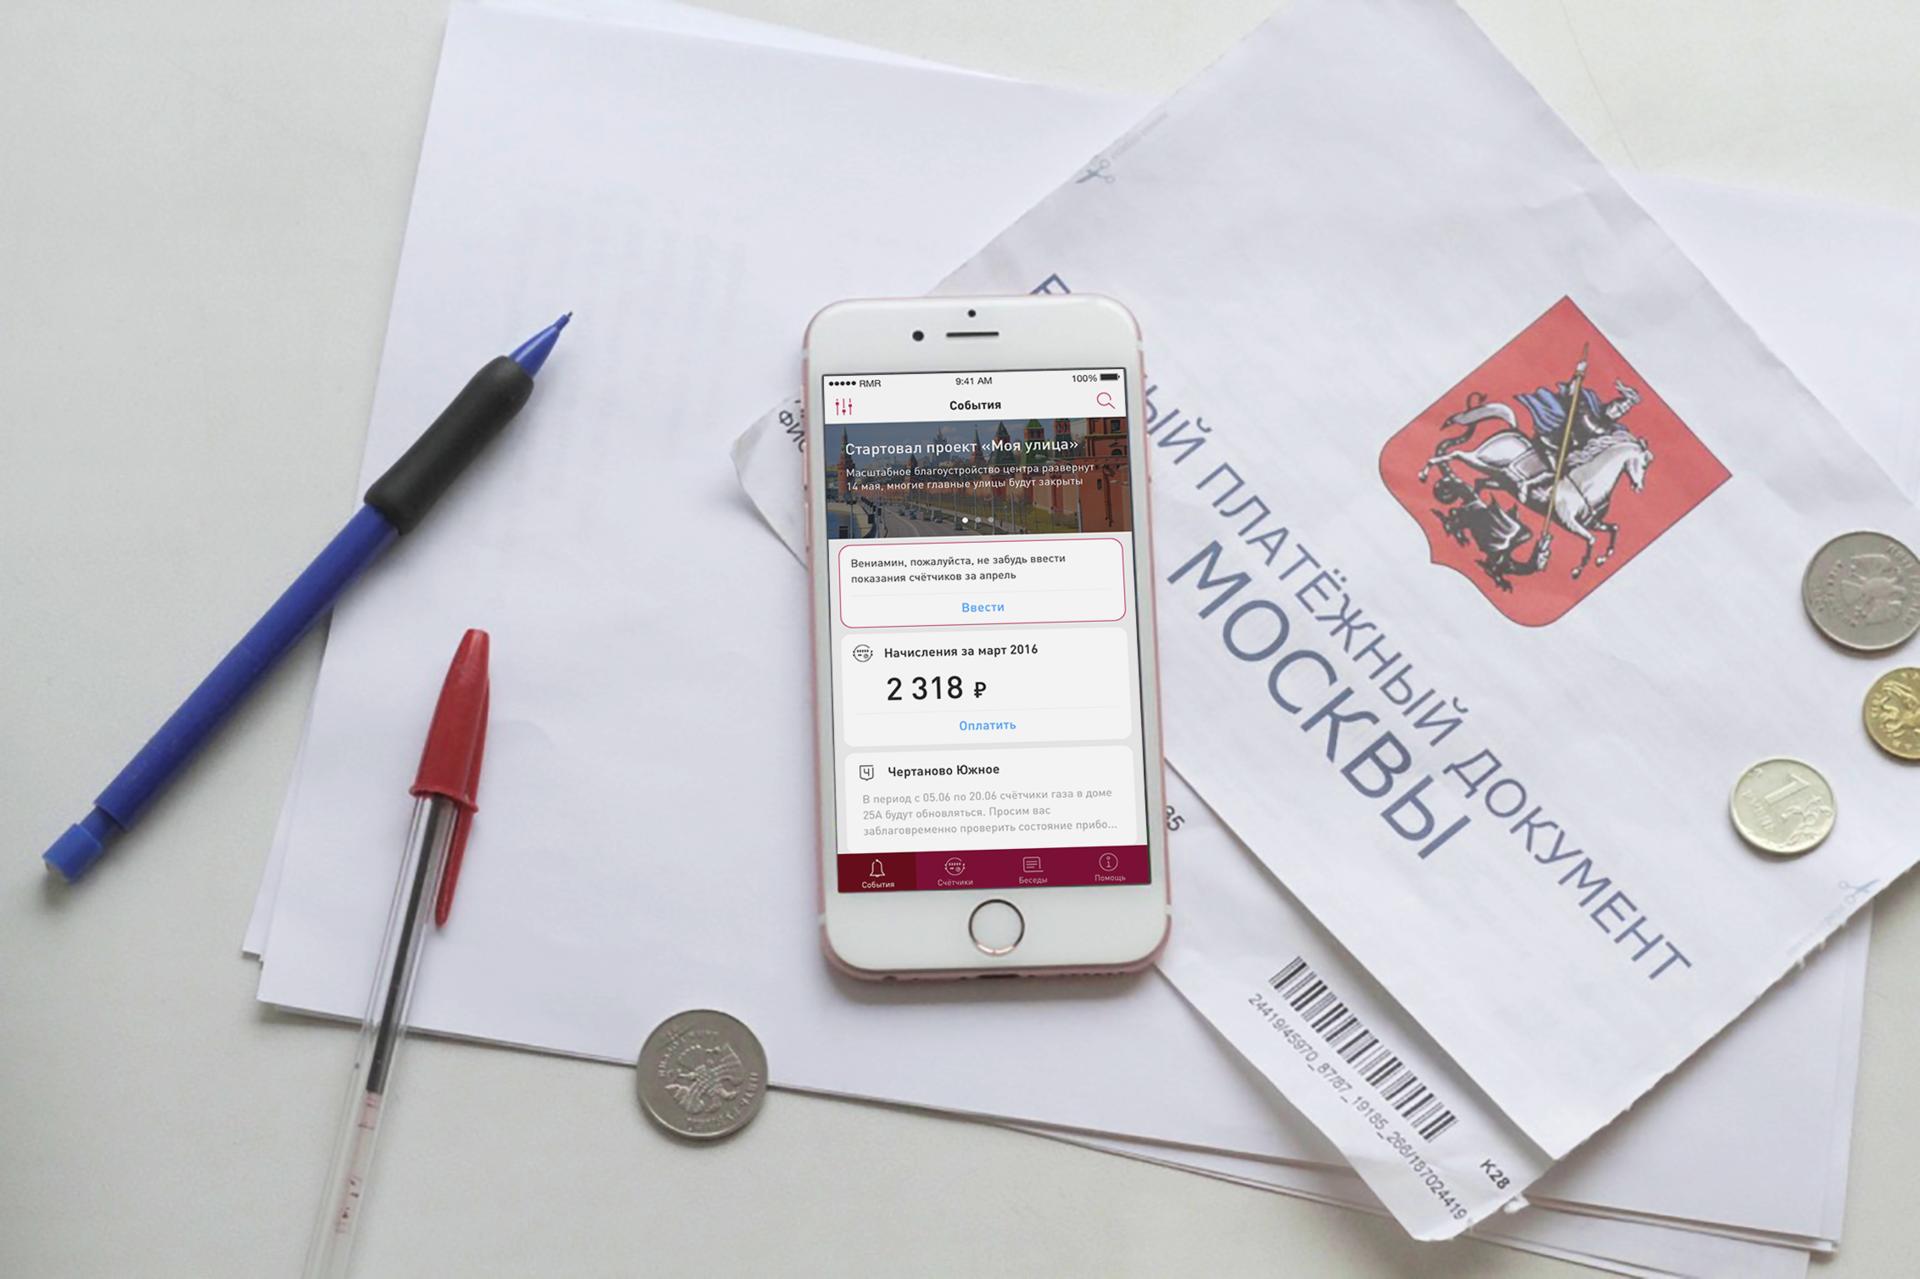 Мобильные операторы предлагают оплатить ЖКХ через телефон